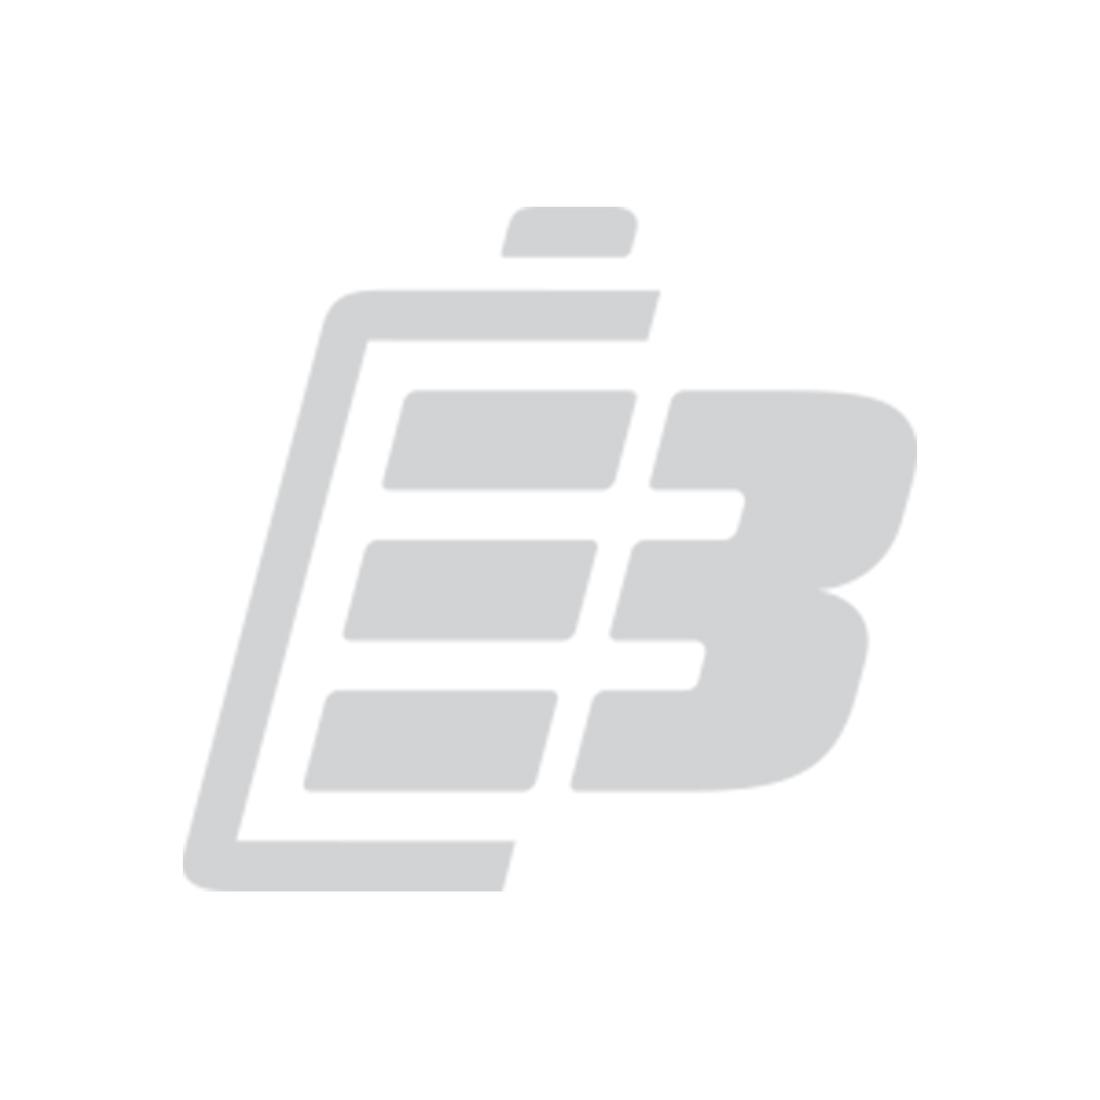 Μπαταρία raid controler HP Smart Array 4200_1